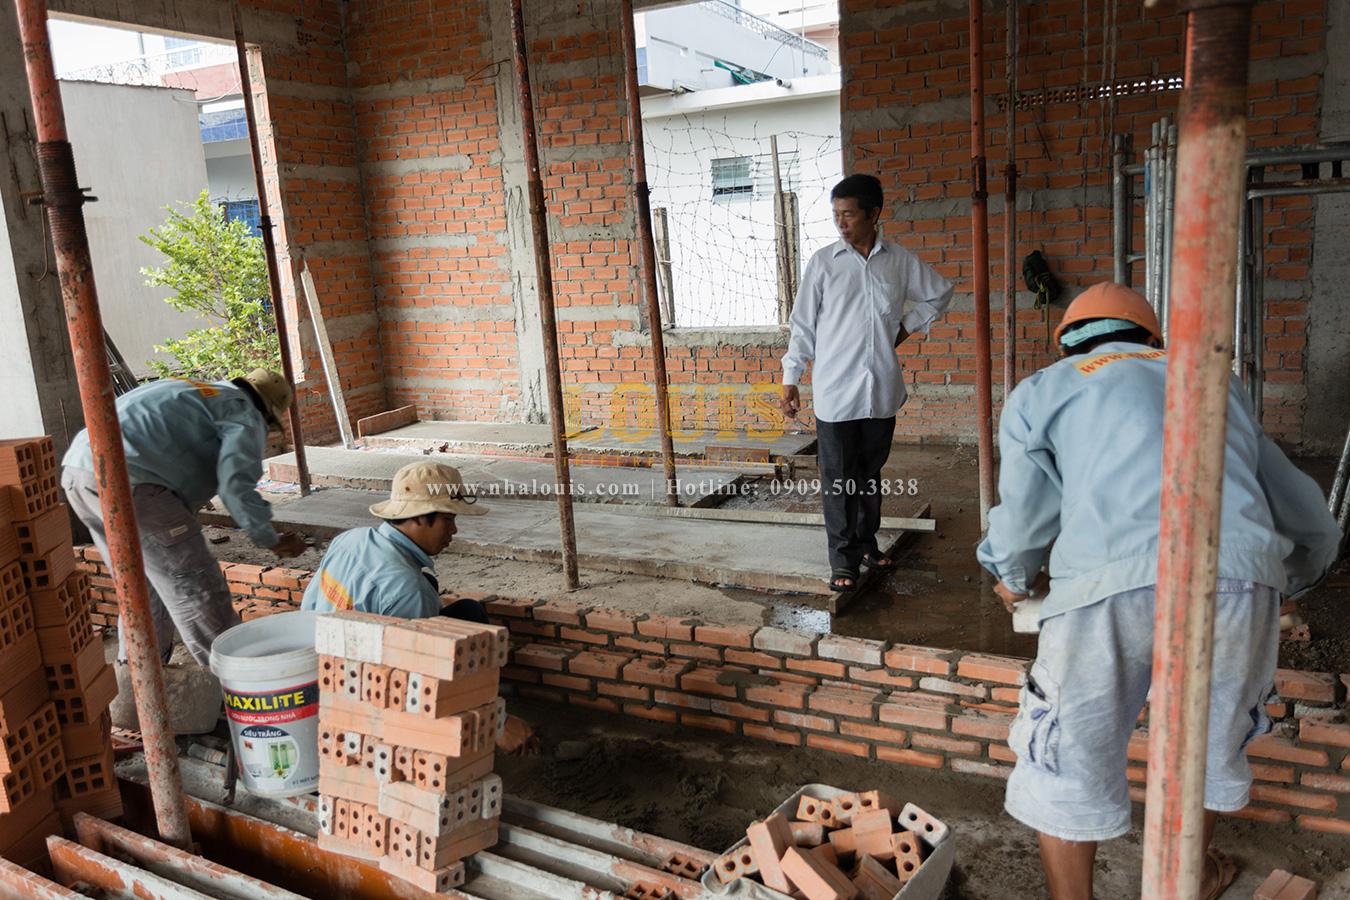 Duy trì tiến độ thi công xây dựng biệt thự tân cổ điển tại Tân Phú